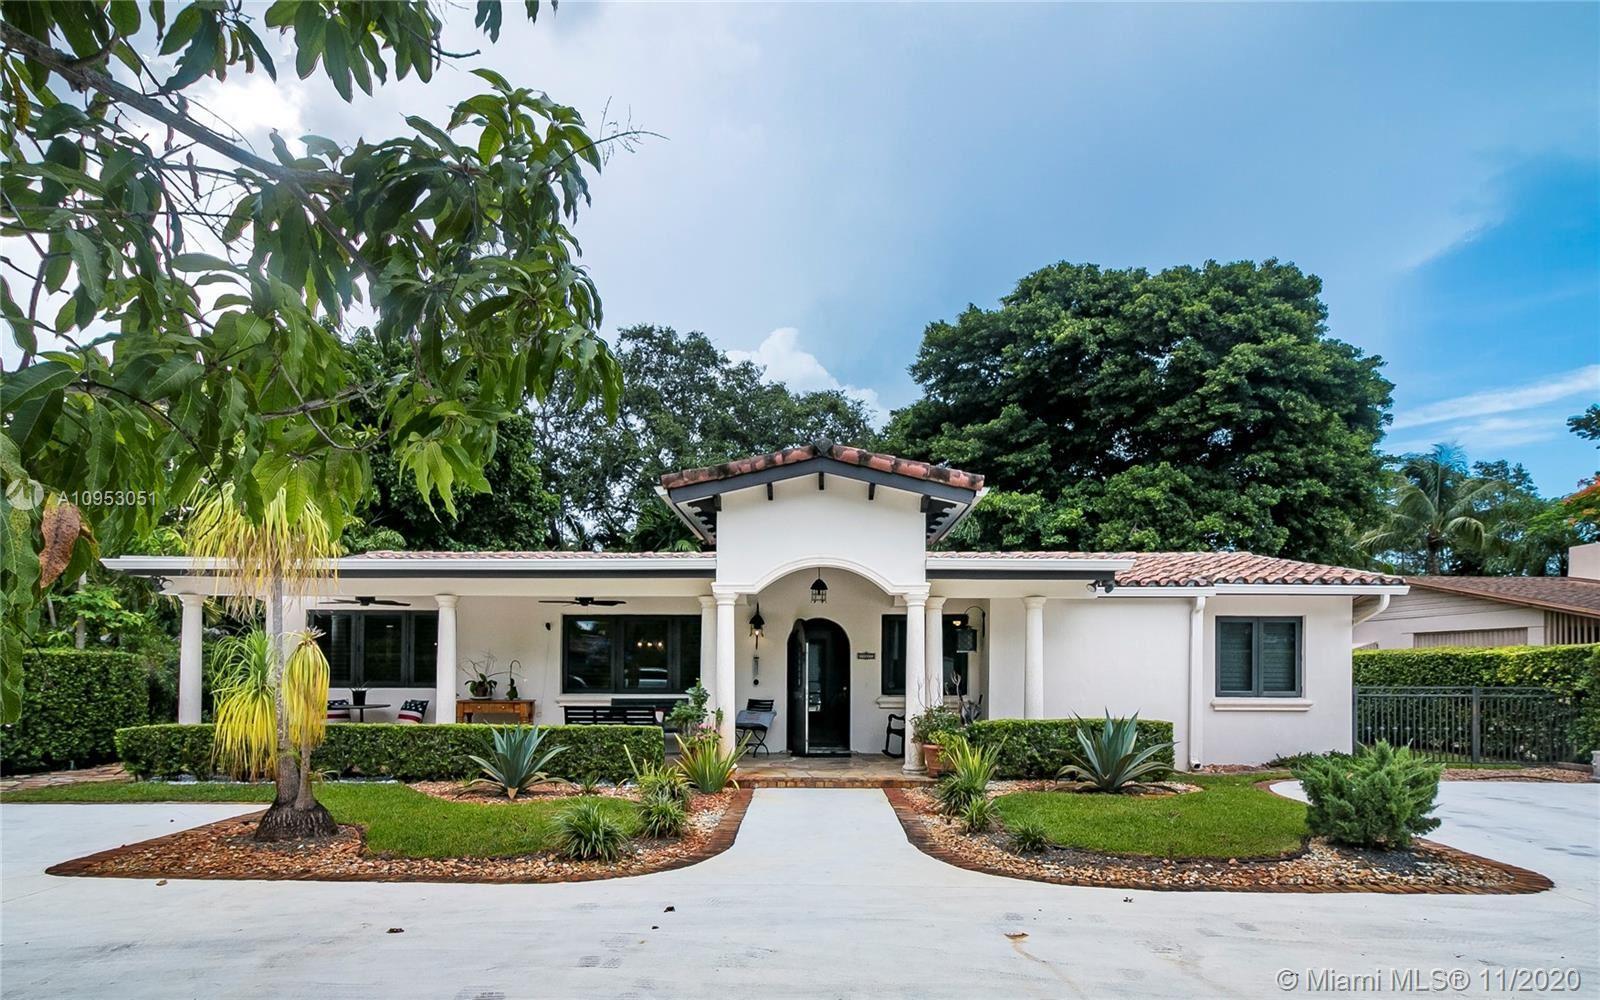 7855 SW 100 St, Miami, FL 33156 - #: A10953051